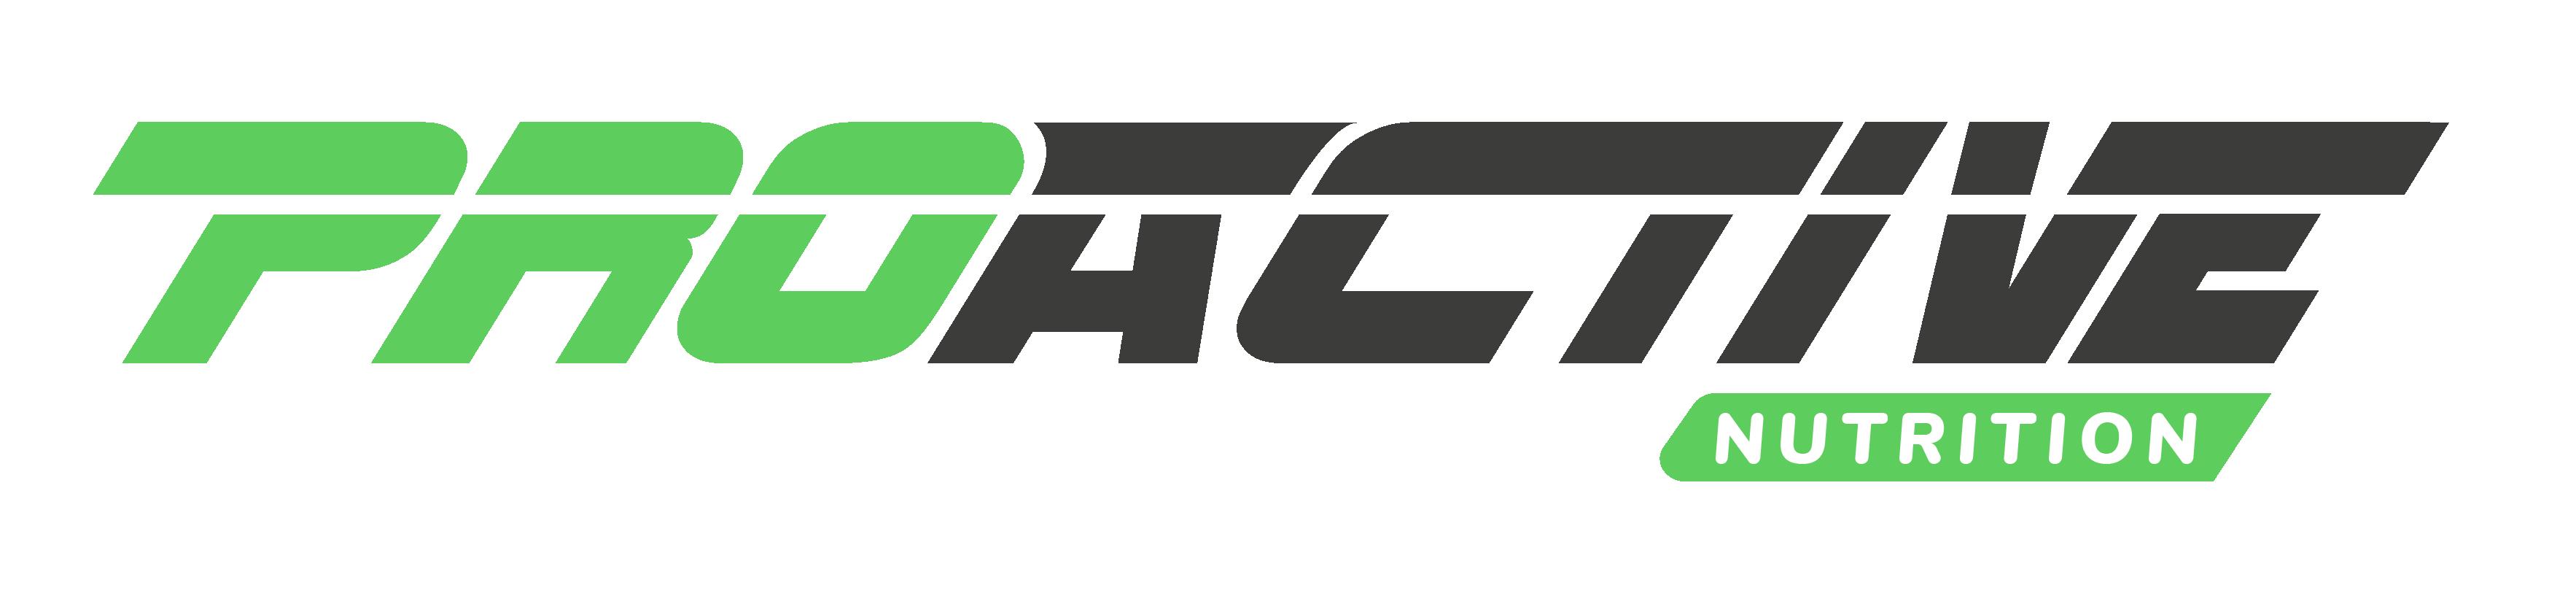 logo_varianten_zeichenflaeche_1_kopie_8.png